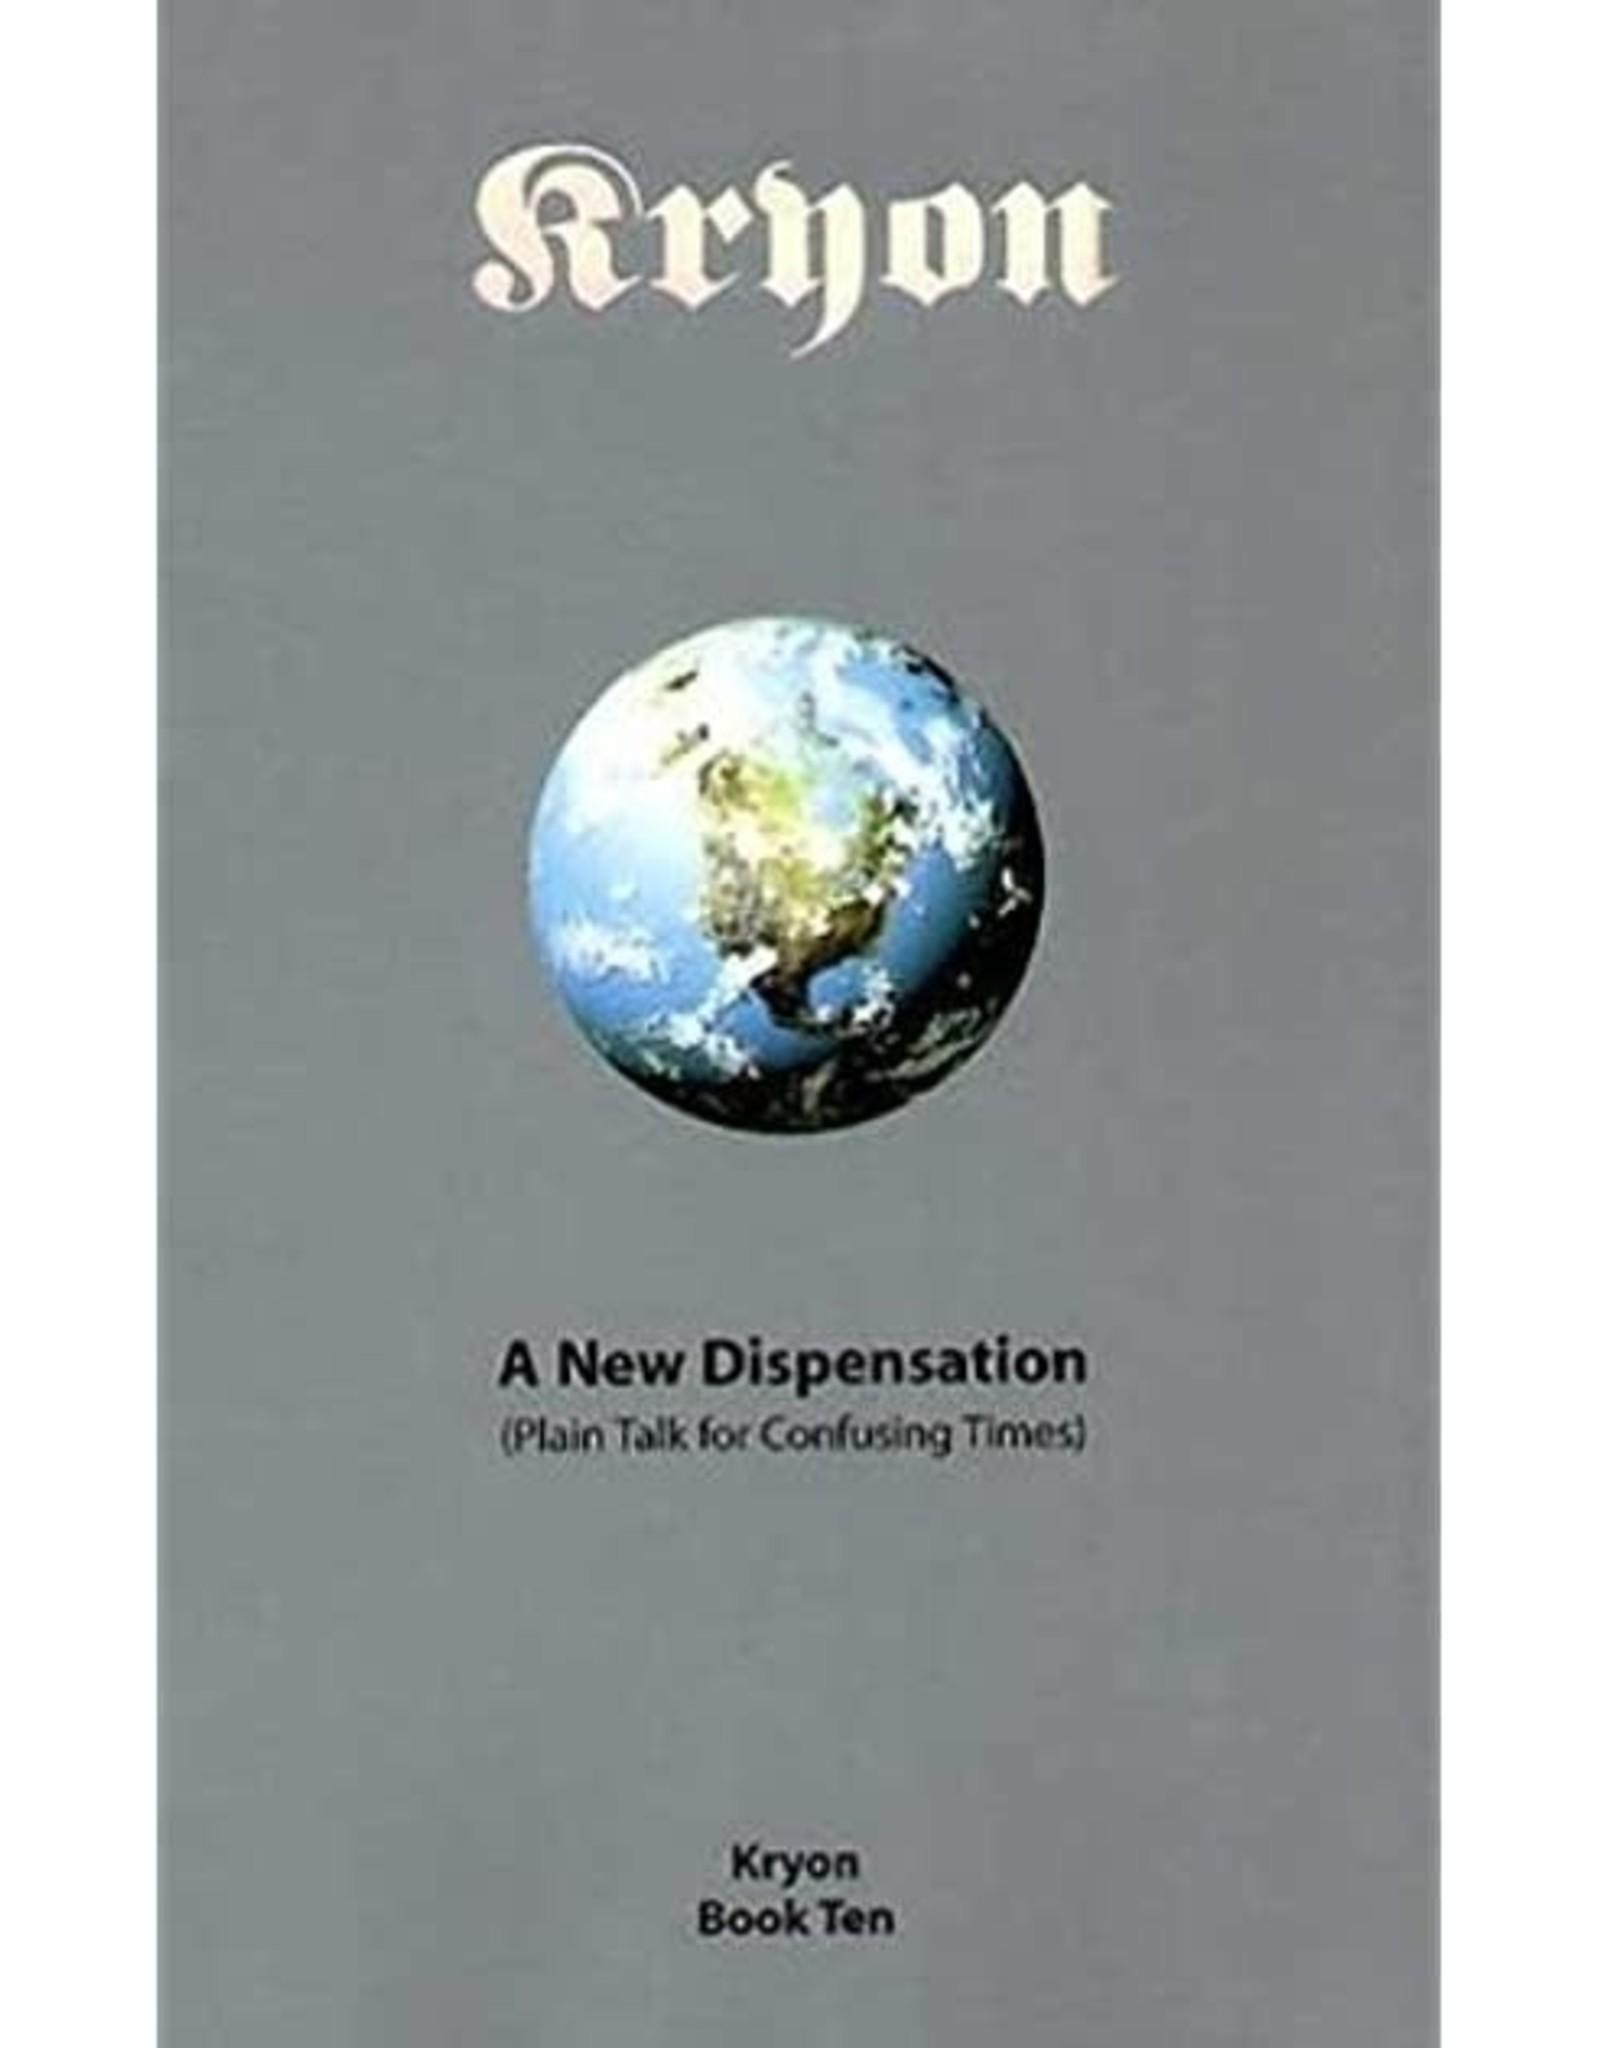 Kryon A New Dispensation by Kryon